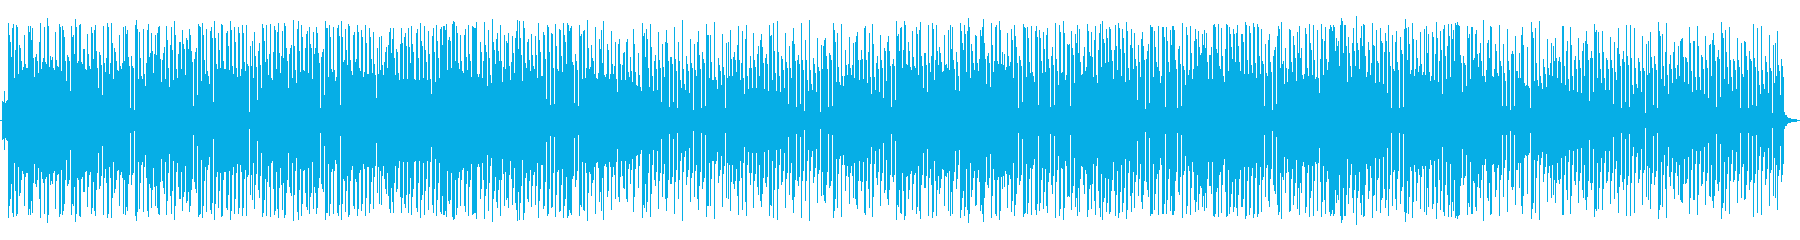 アコースティックで軽快な曲の再生済みの波形